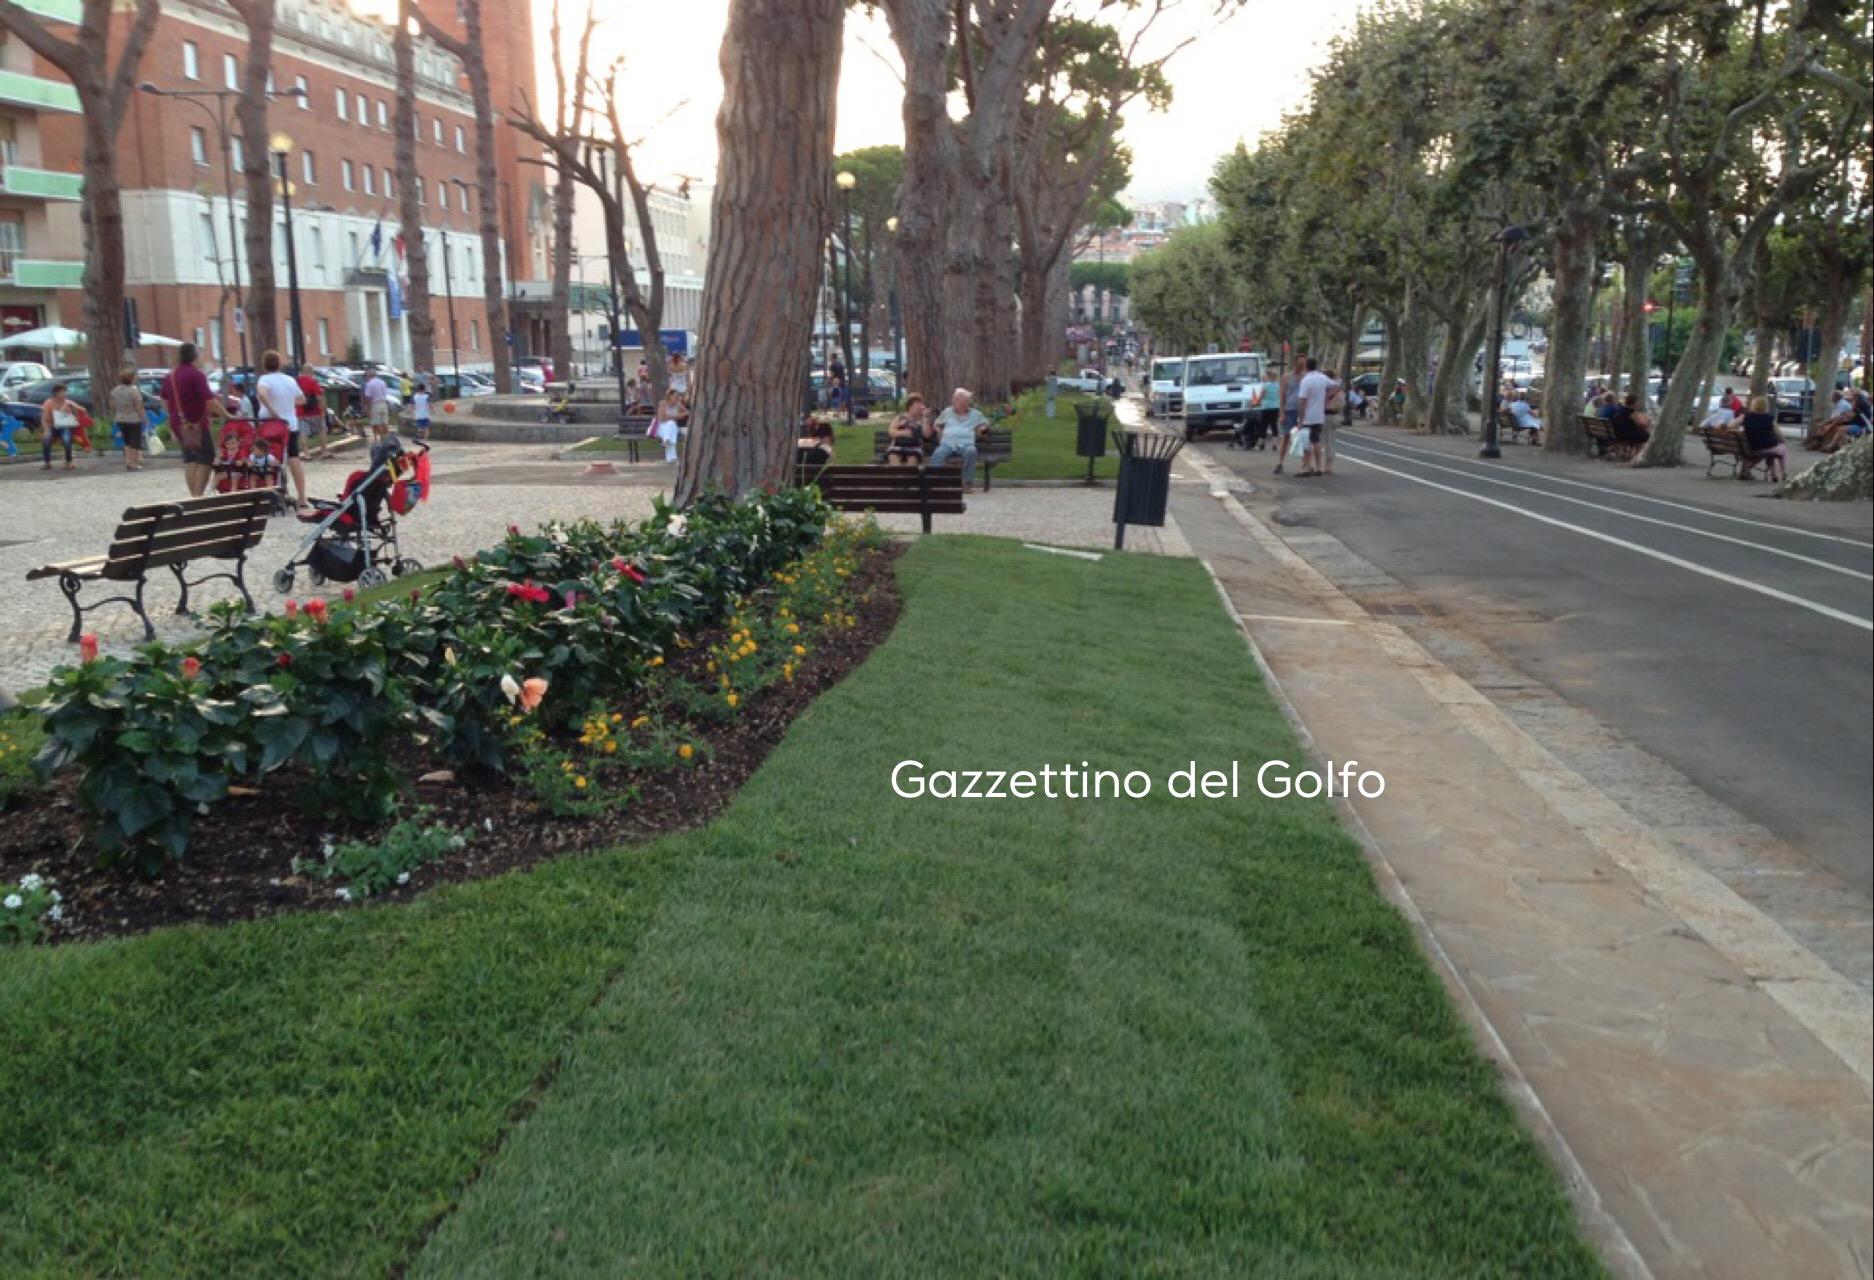 Ufficio Verde Pubblico : Cagliari acque depurate per il verde pubblico eventi comune